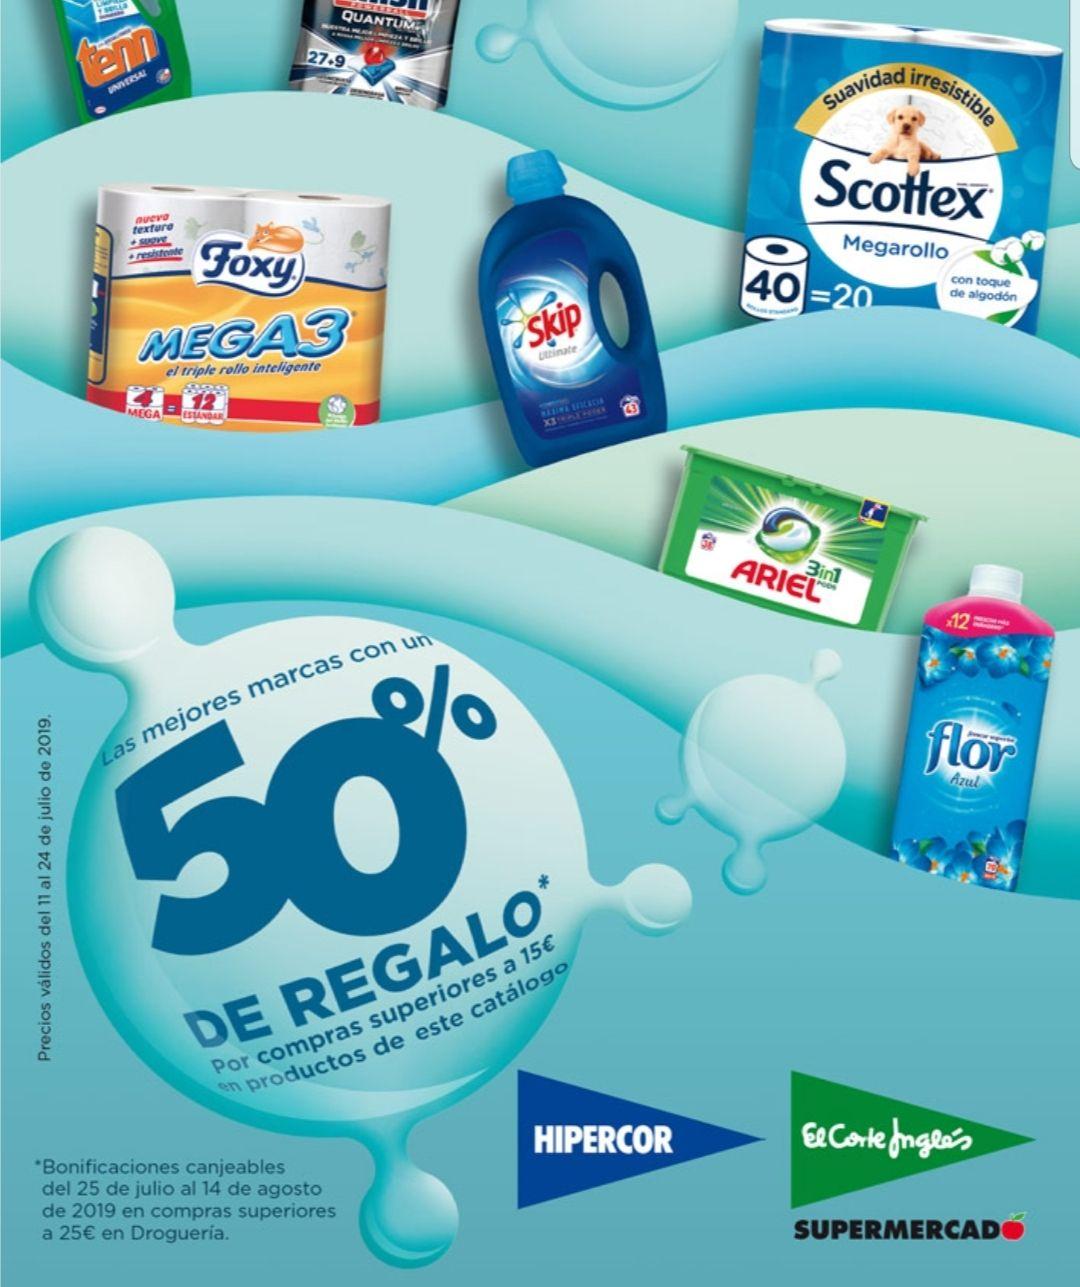 ¡¡¡Acumulación Brutal de Promociones!!! Casi 60% Descuento Productos Limpieza Hipercor / Supermercados El Corte Ingles